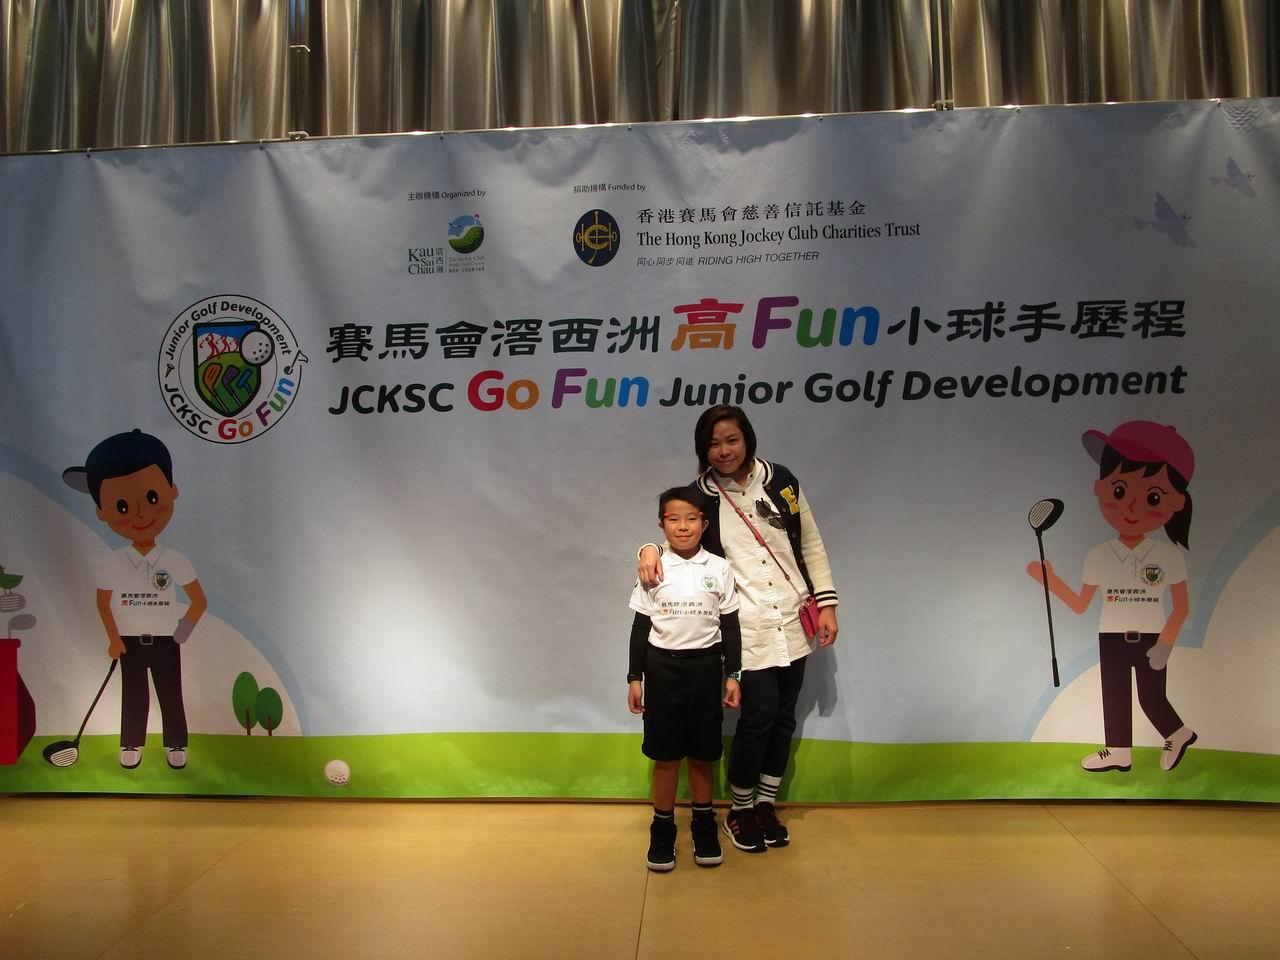 https://plkcjy.edu.hk/sites/default/files/img_7528.jpg